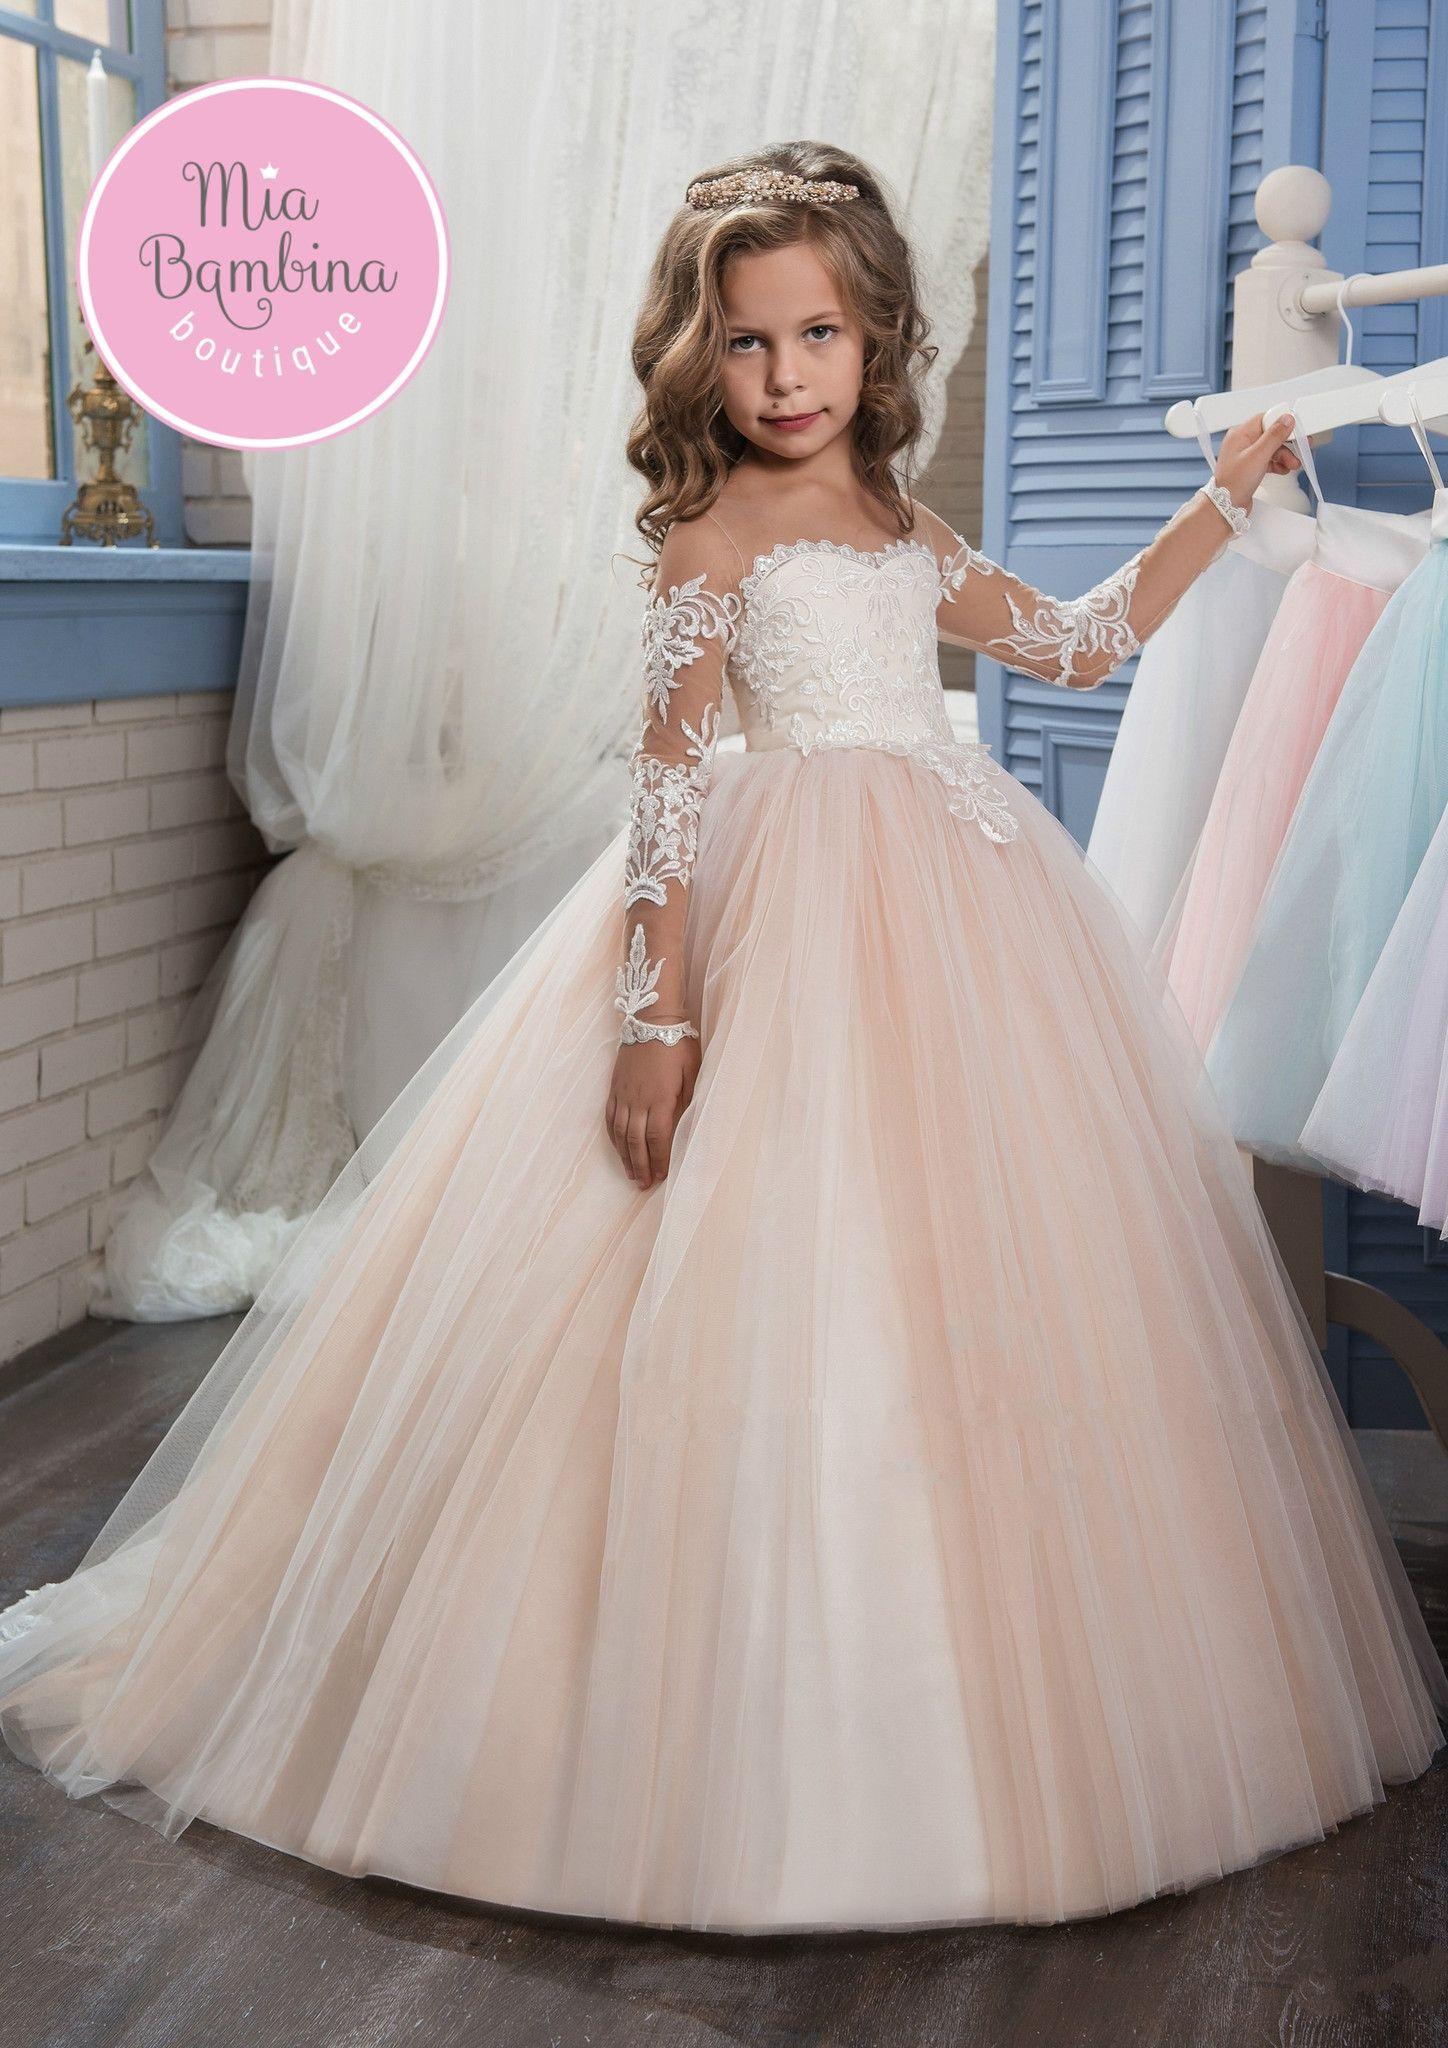 Flower Girl Dresses Raleigh Flower Girl Dress Flower Girl Dress Lace Wedding Dresses For Kids Little Girl Gowns [ 2048 x 1448 Pixel ]